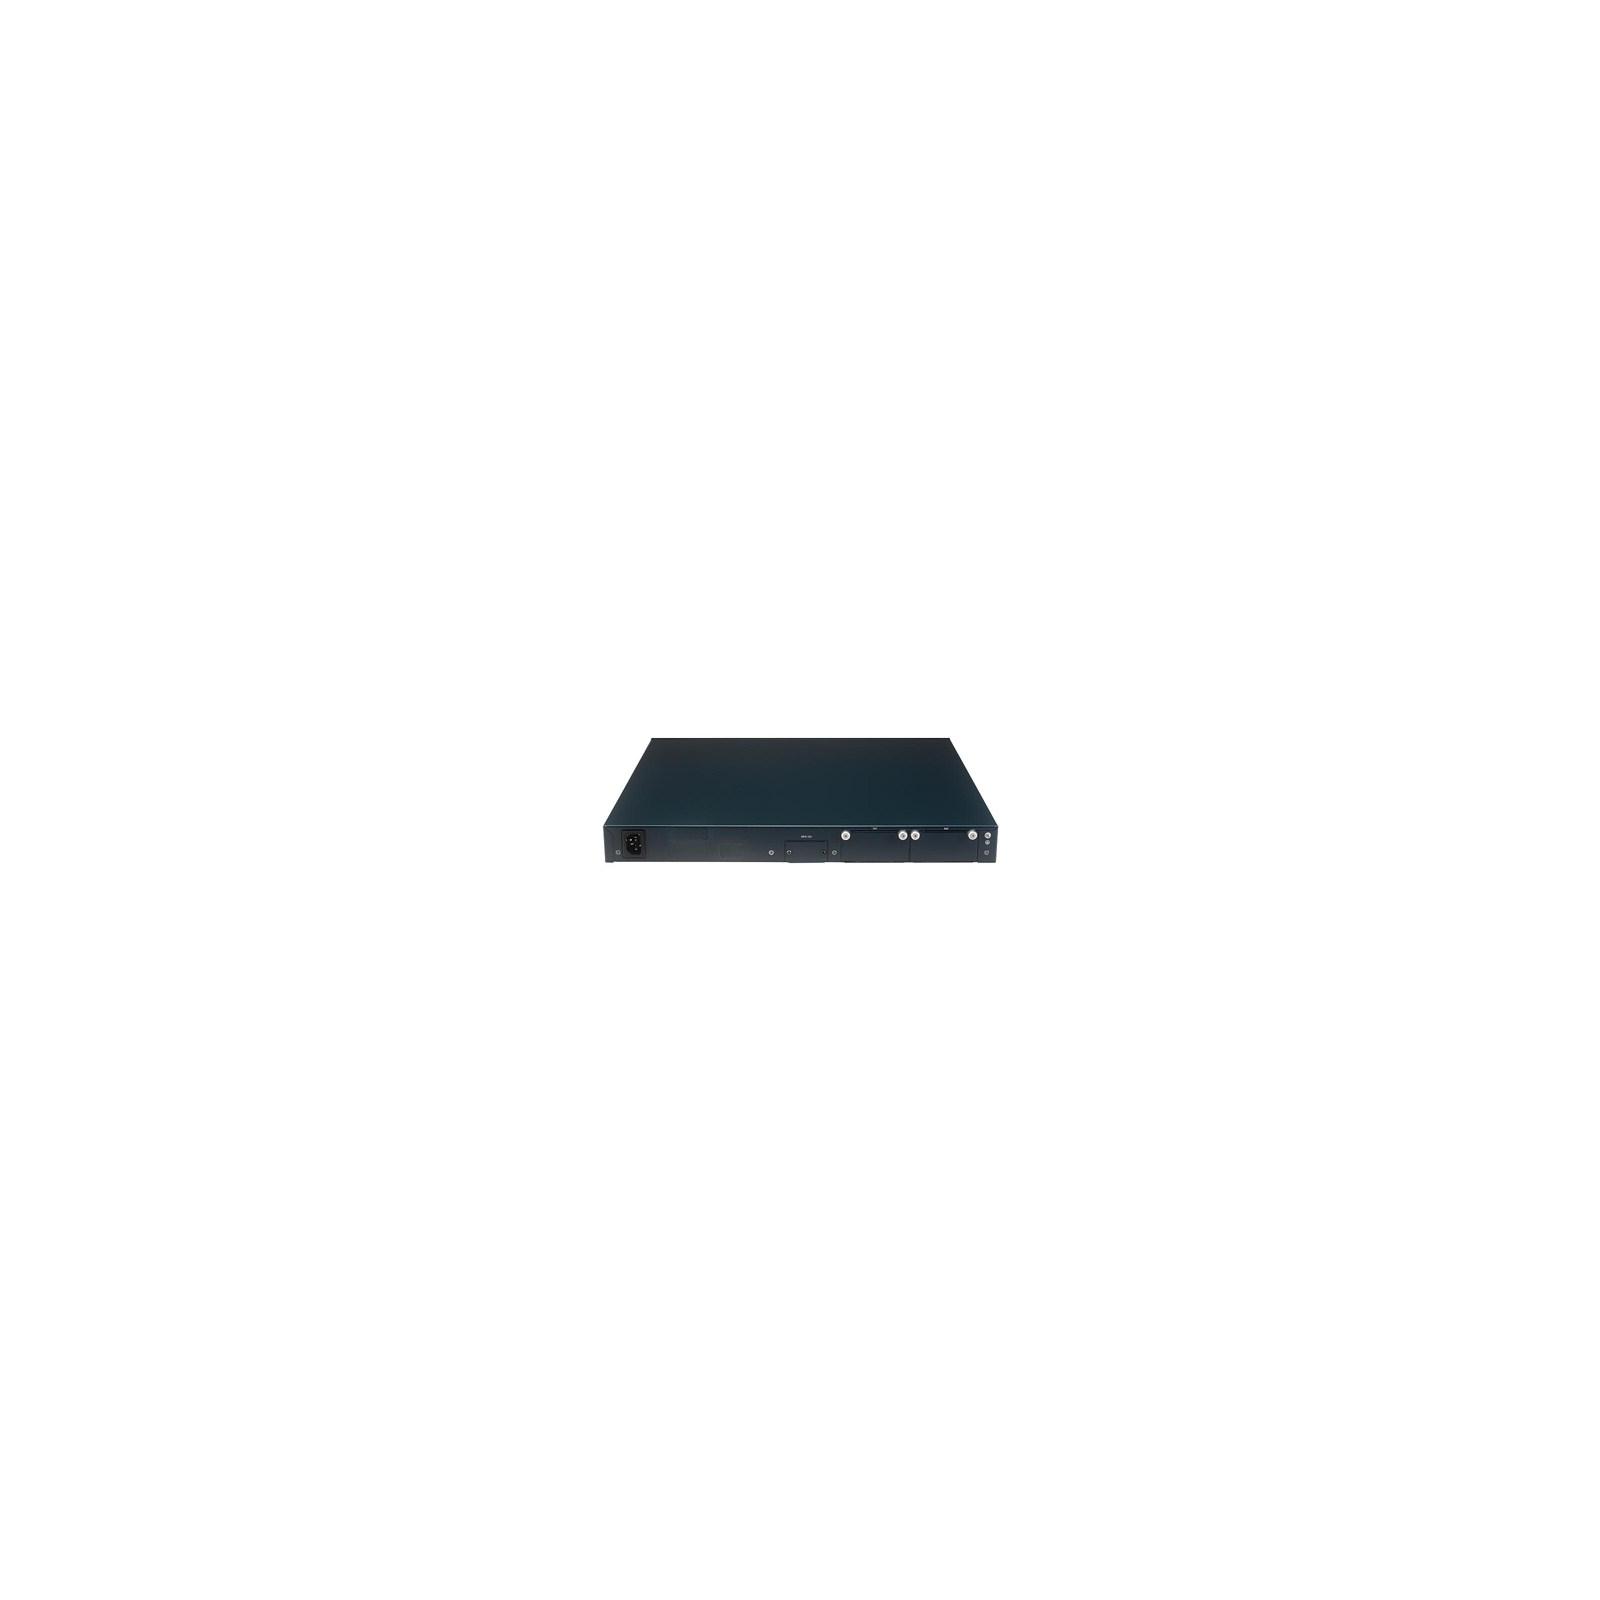 Коммутатор сетевой D-Link DGS-3610-26G/A2A изображение 2